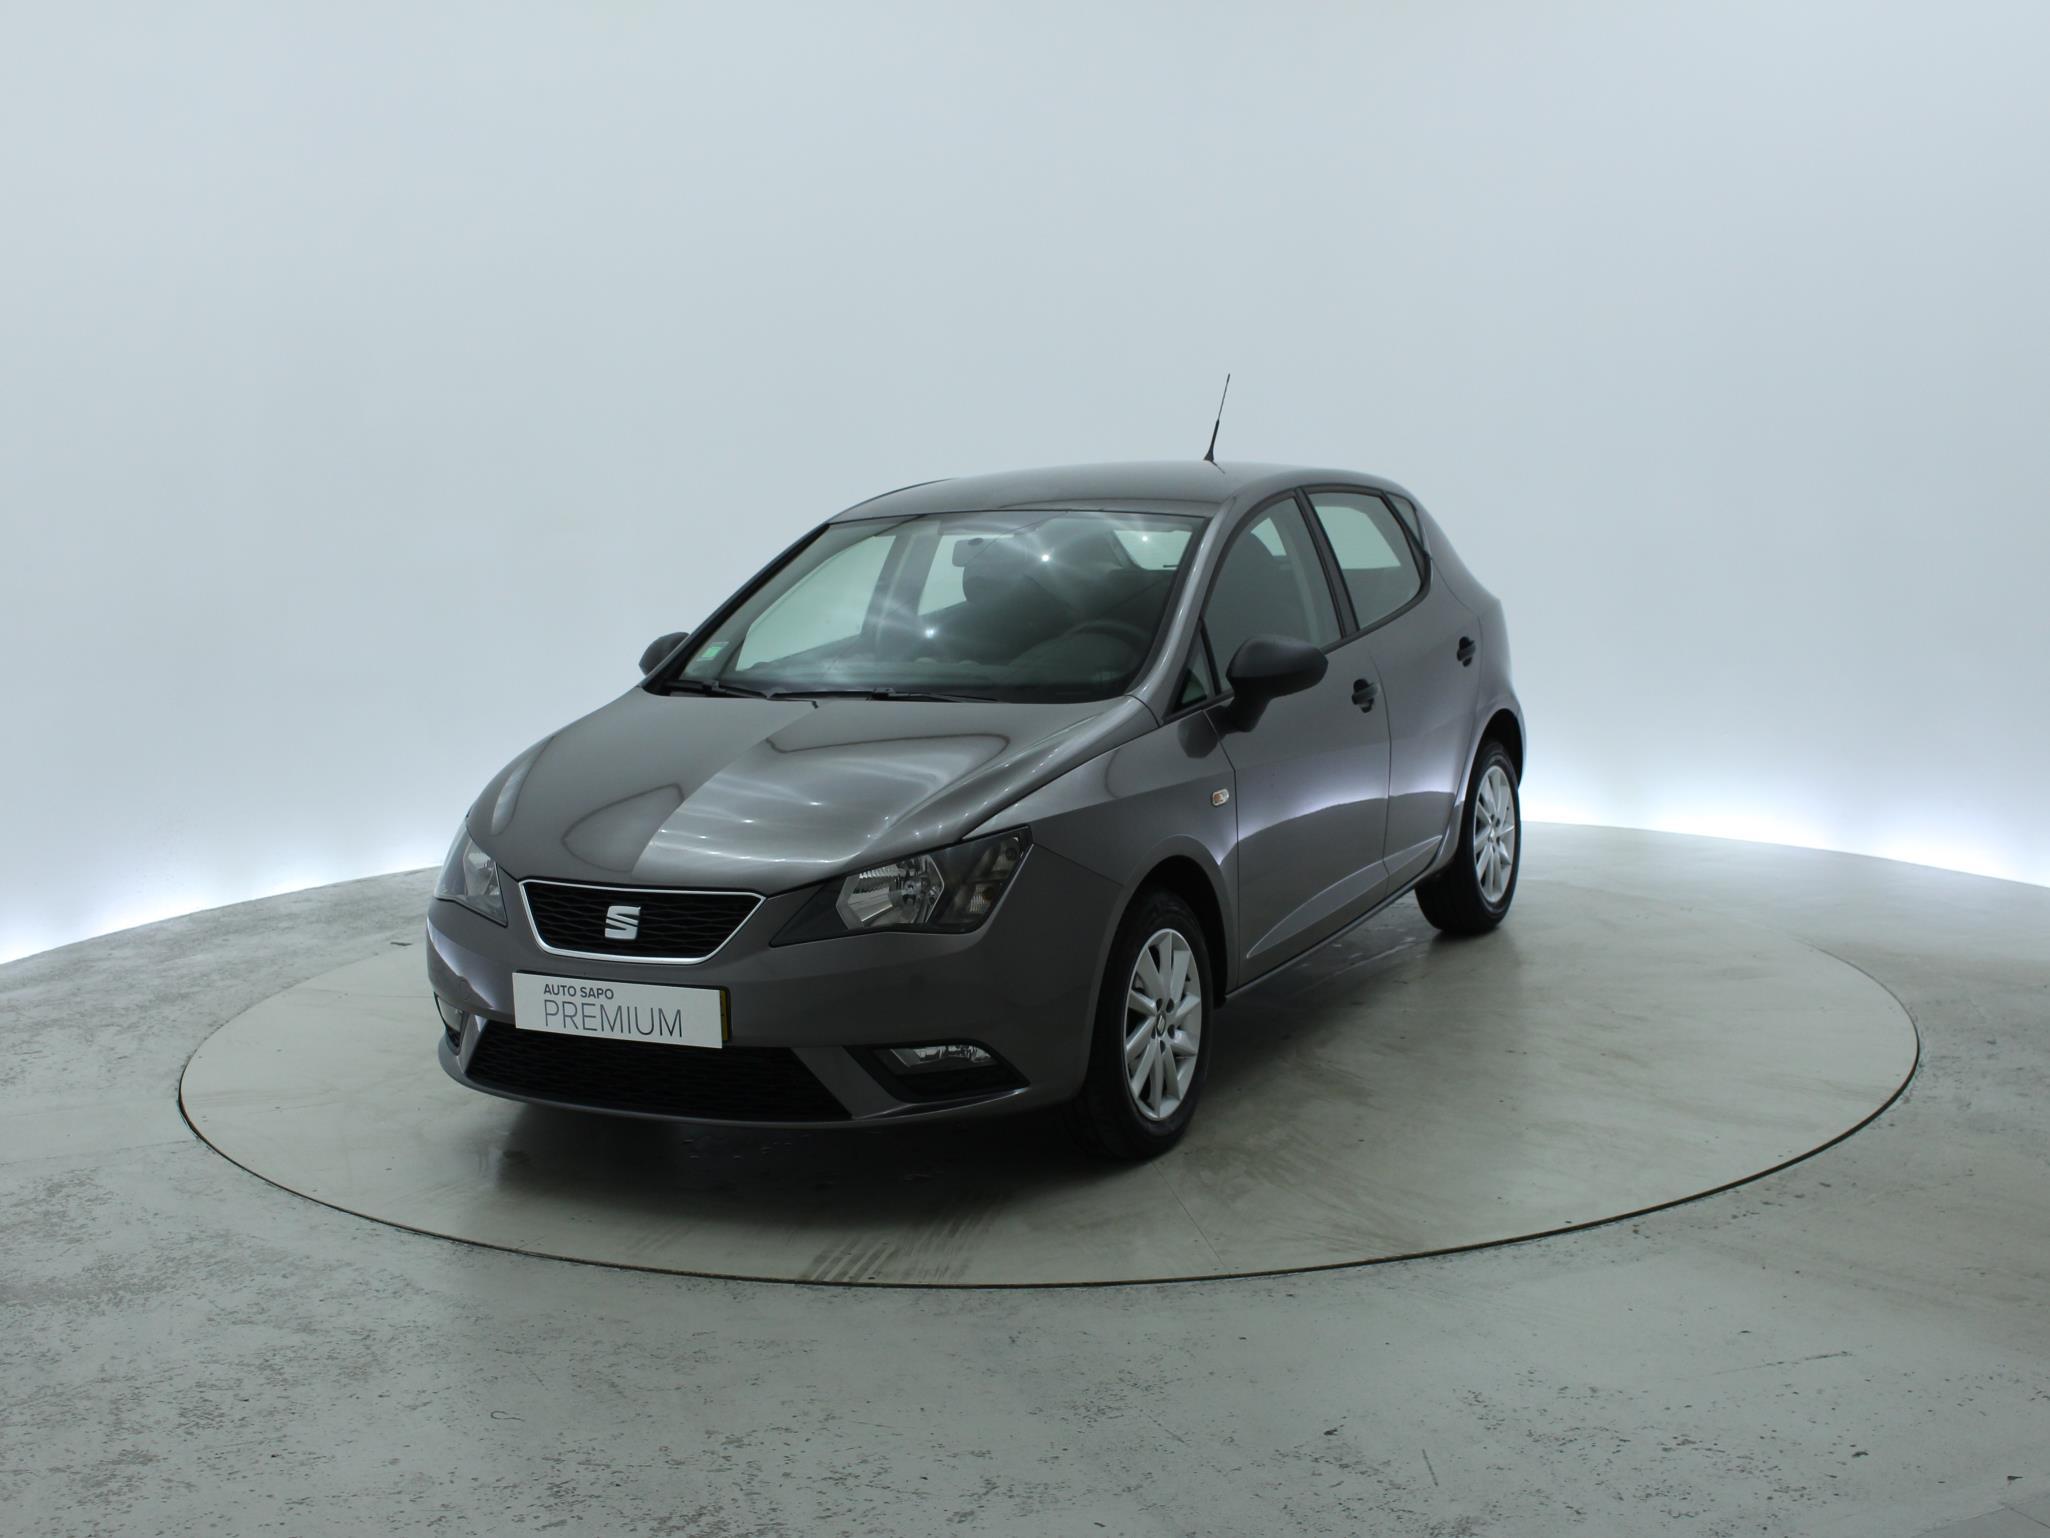 Seat Ibiza 1.4 TDi Reference